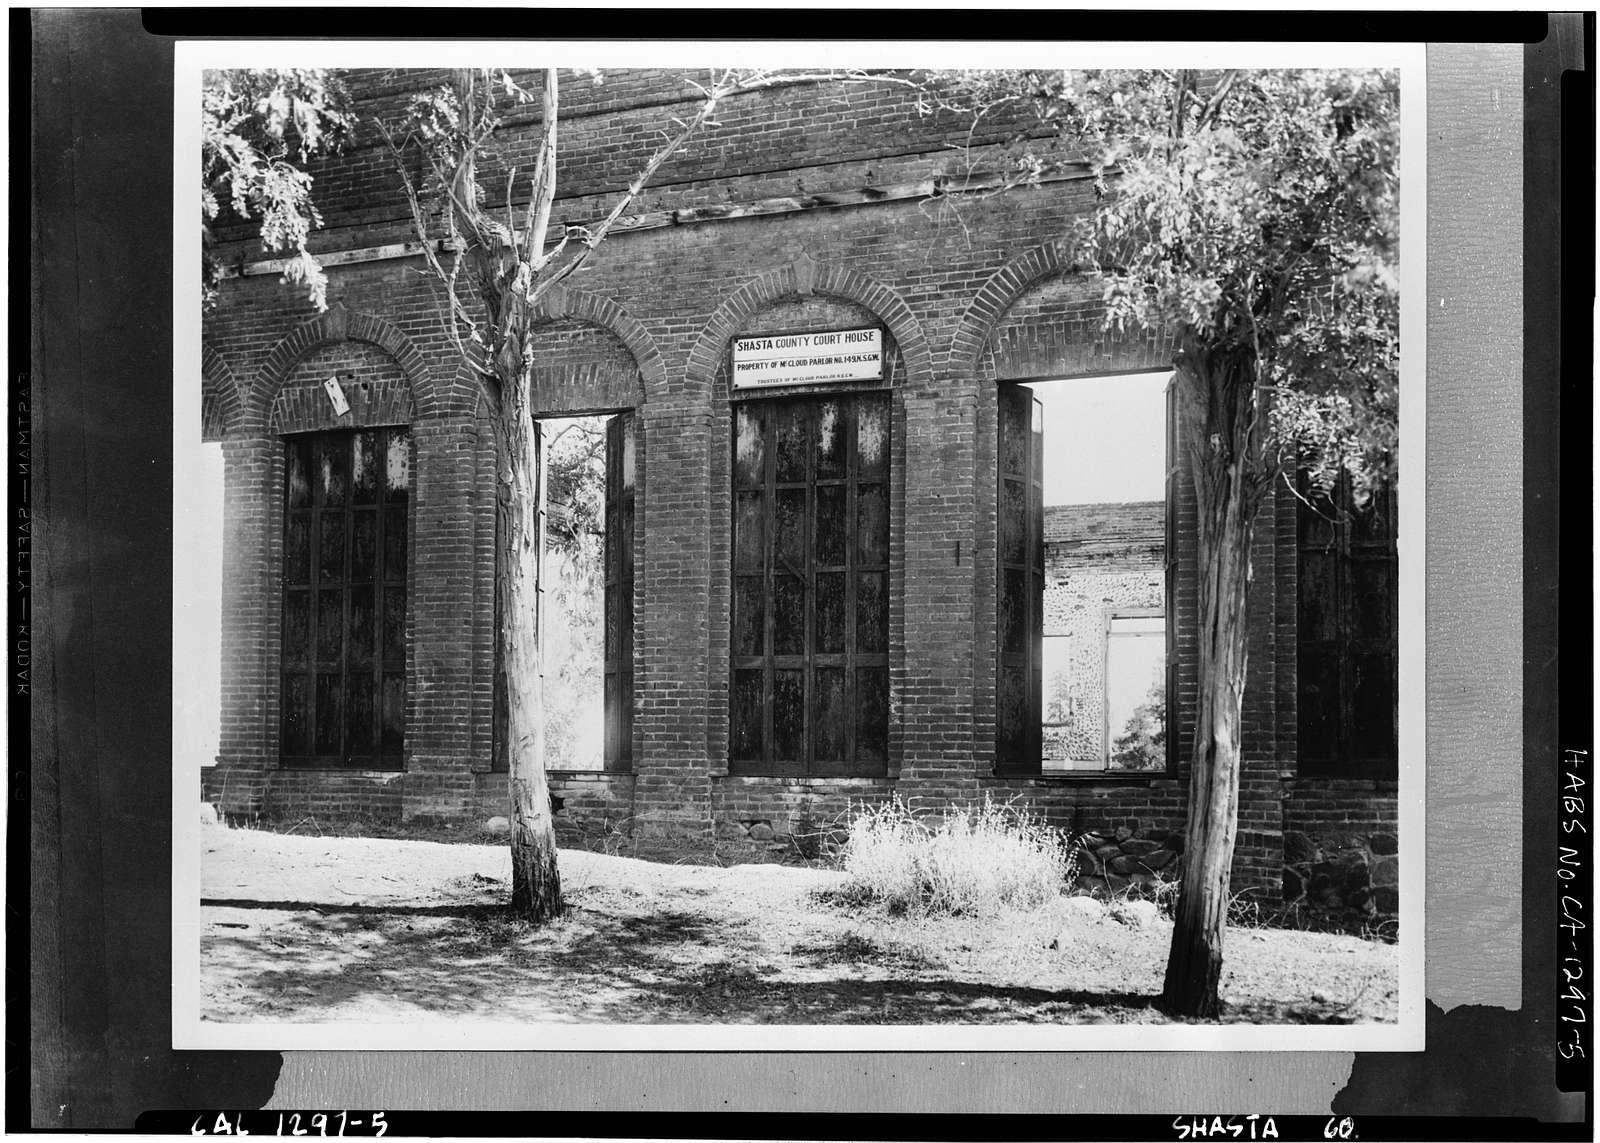 Shasta County Courthouse (Ruins), Shasta, Shasta County, CA